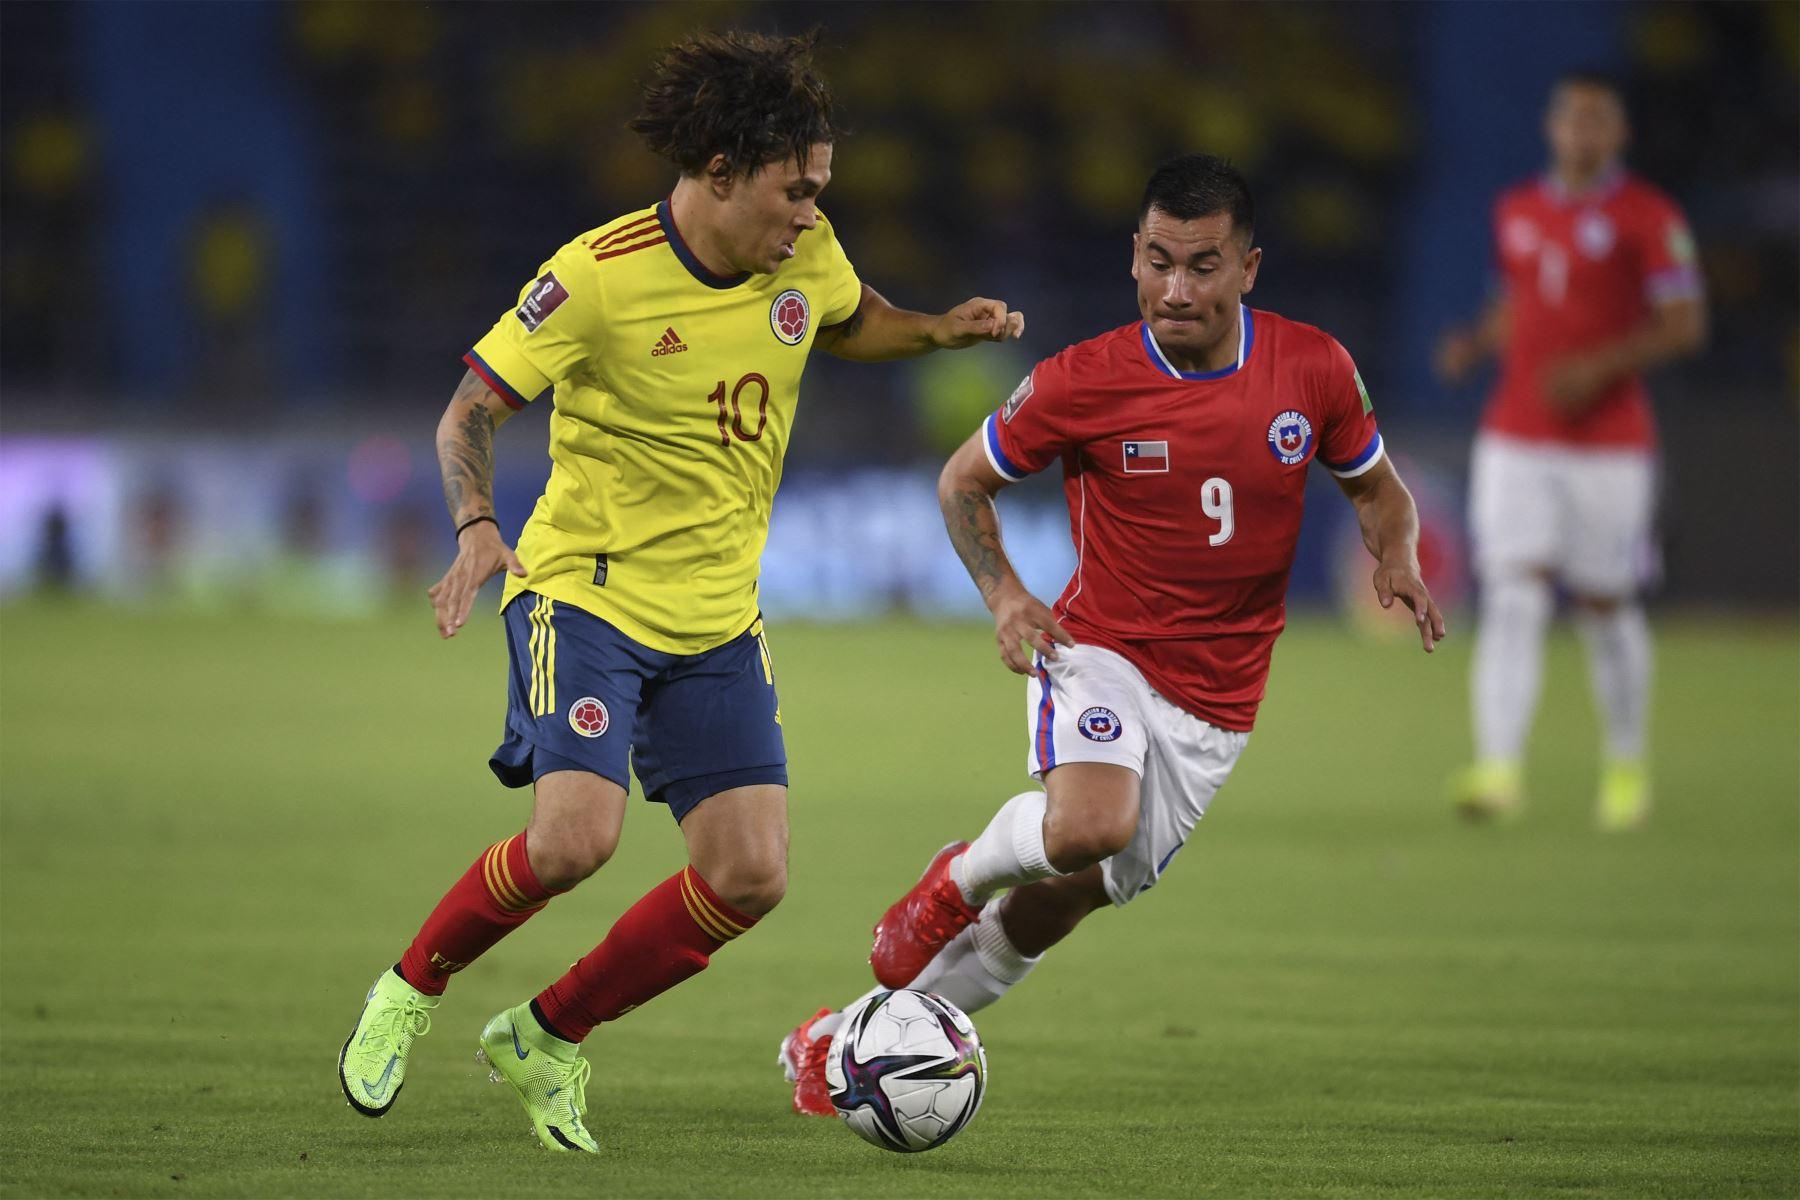 Colombia y Chile en Clasificatorias a Catar 2022, 9 de septiembre de 2021